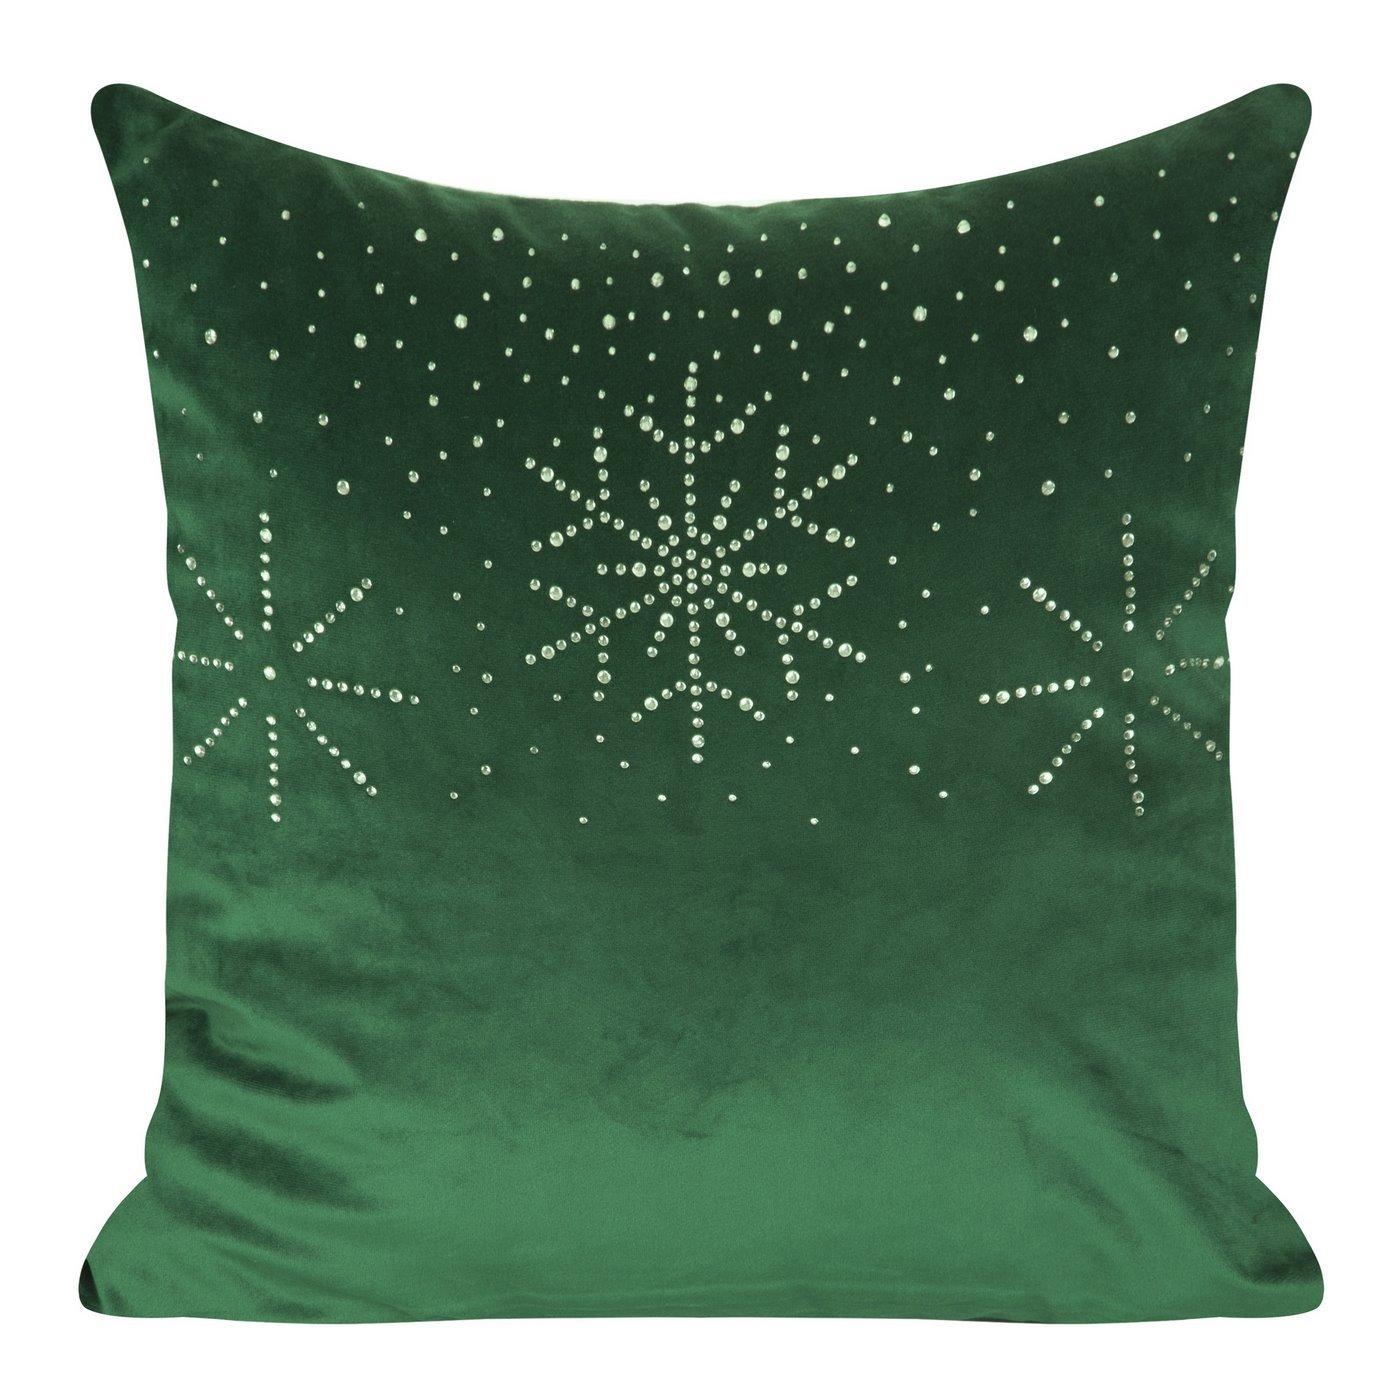 Poszewka welwetowa z kryształami i śnieżynkami 45x45 cm zielona